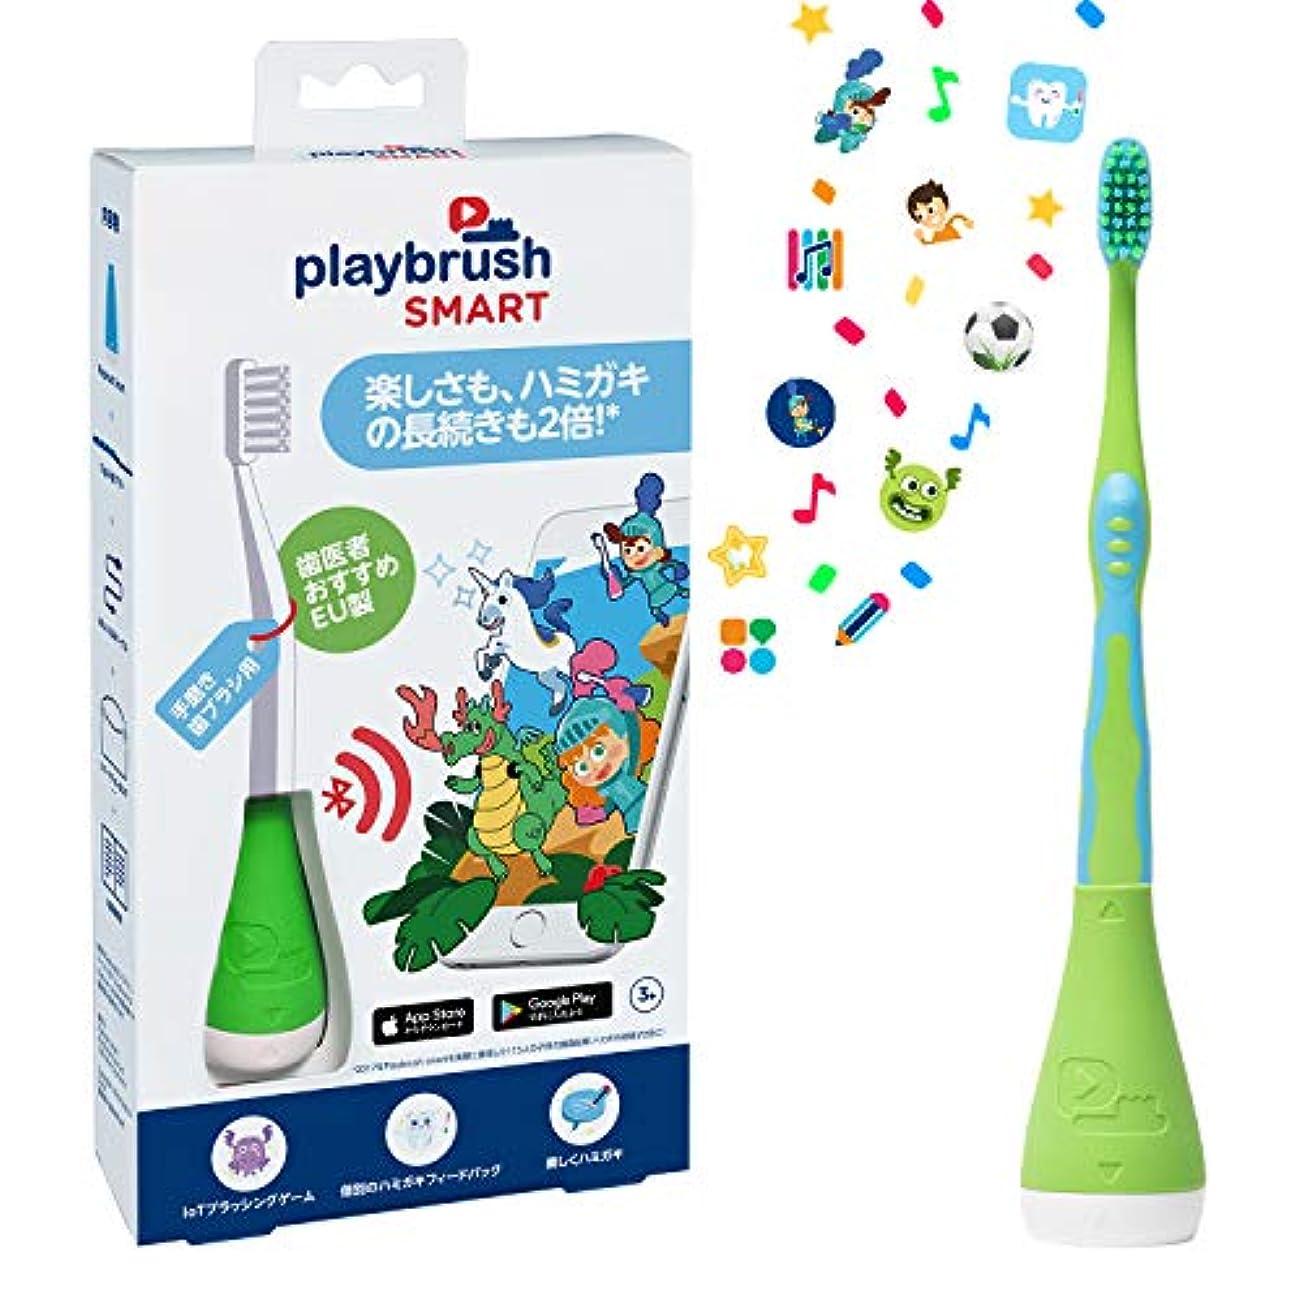 望む故障大学院【ヨーロッパで開発されたゲームができる子供用歯ブラシ】プレイブラッシュ スマート グリーン◇ 普段の歯ブラシに取り付けるだけ◇ Playbrush Smart Green